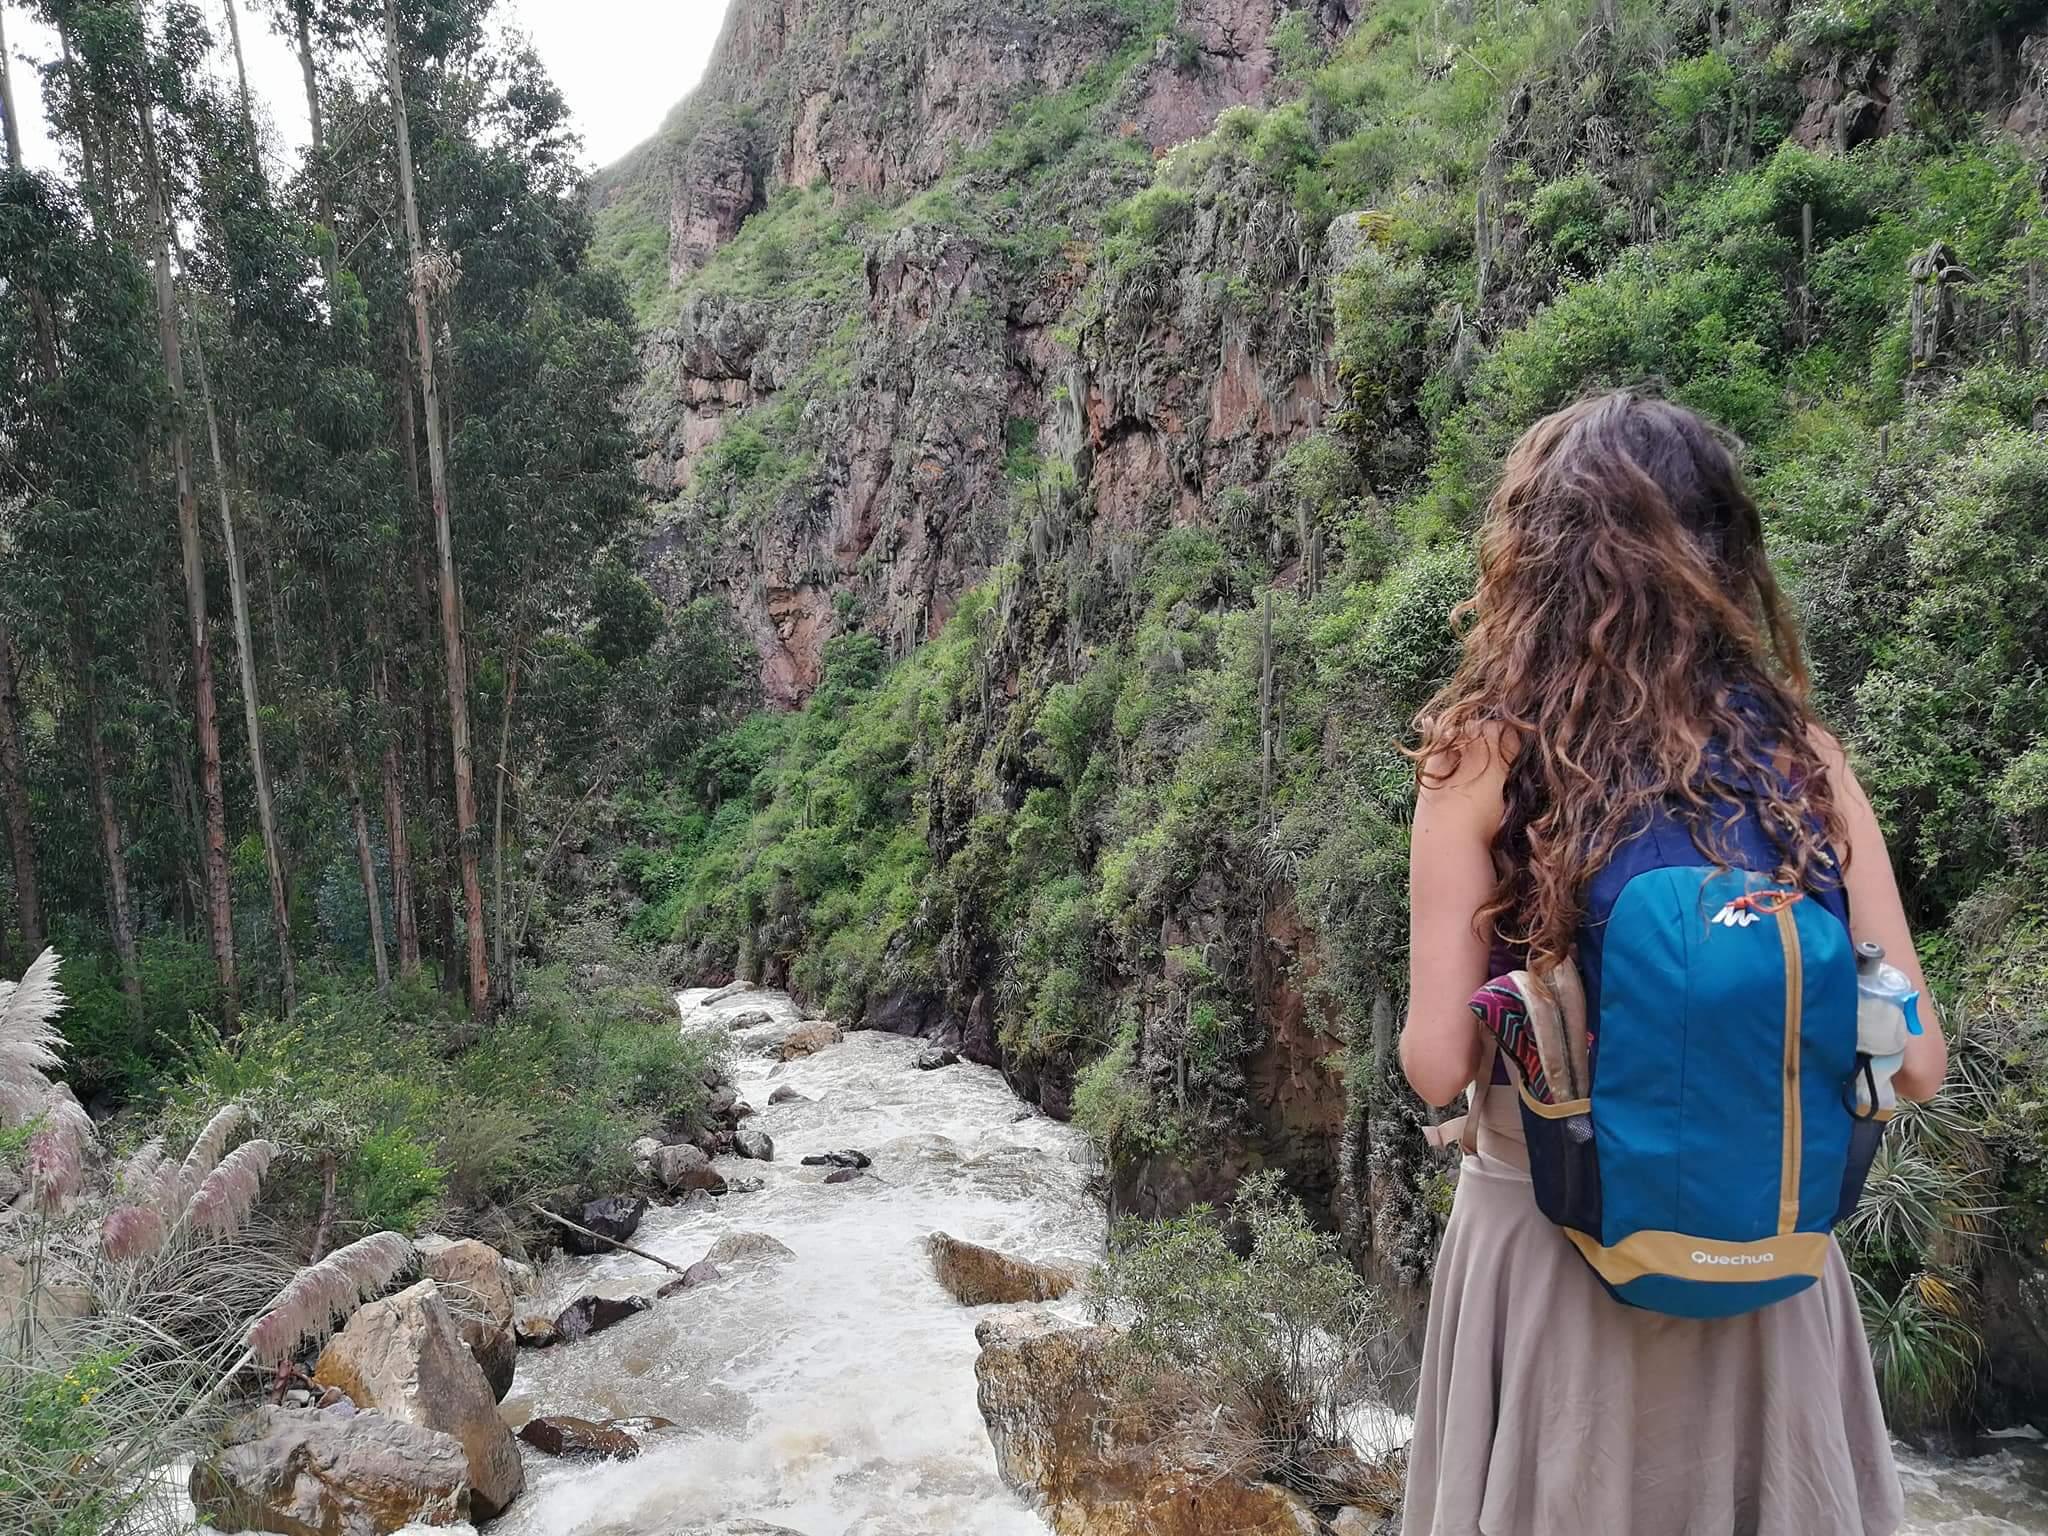 Chaja in Peru